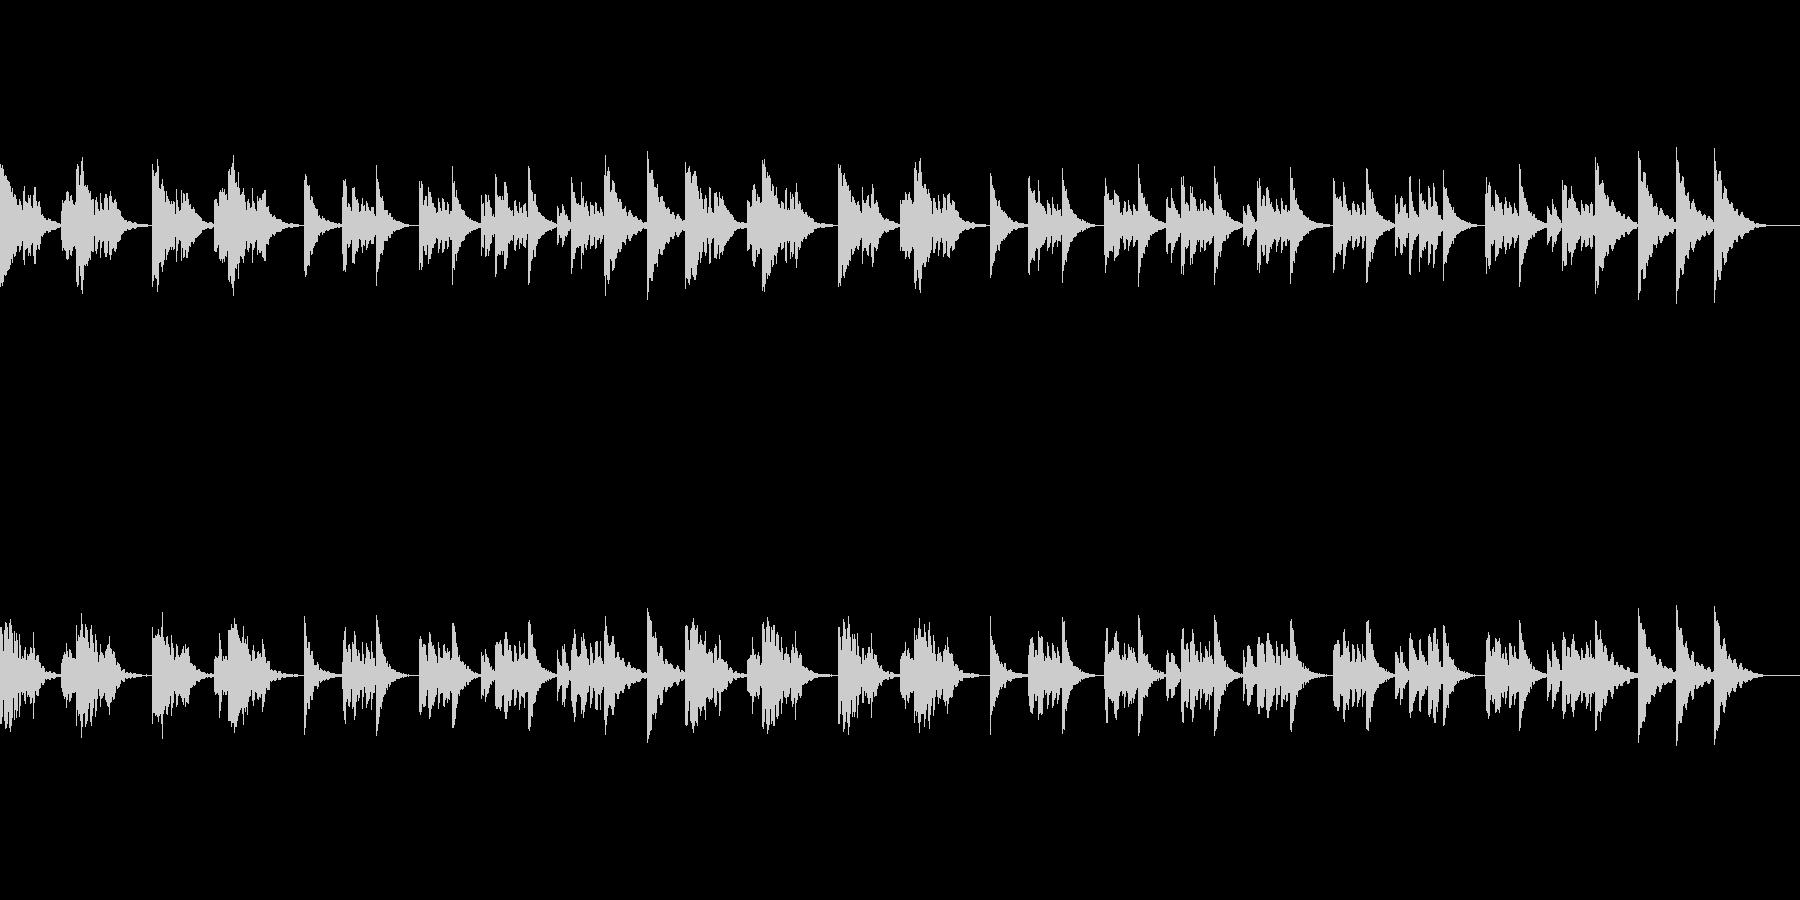 静かなポップスメロディのオルゴールBGMの未再生の波形